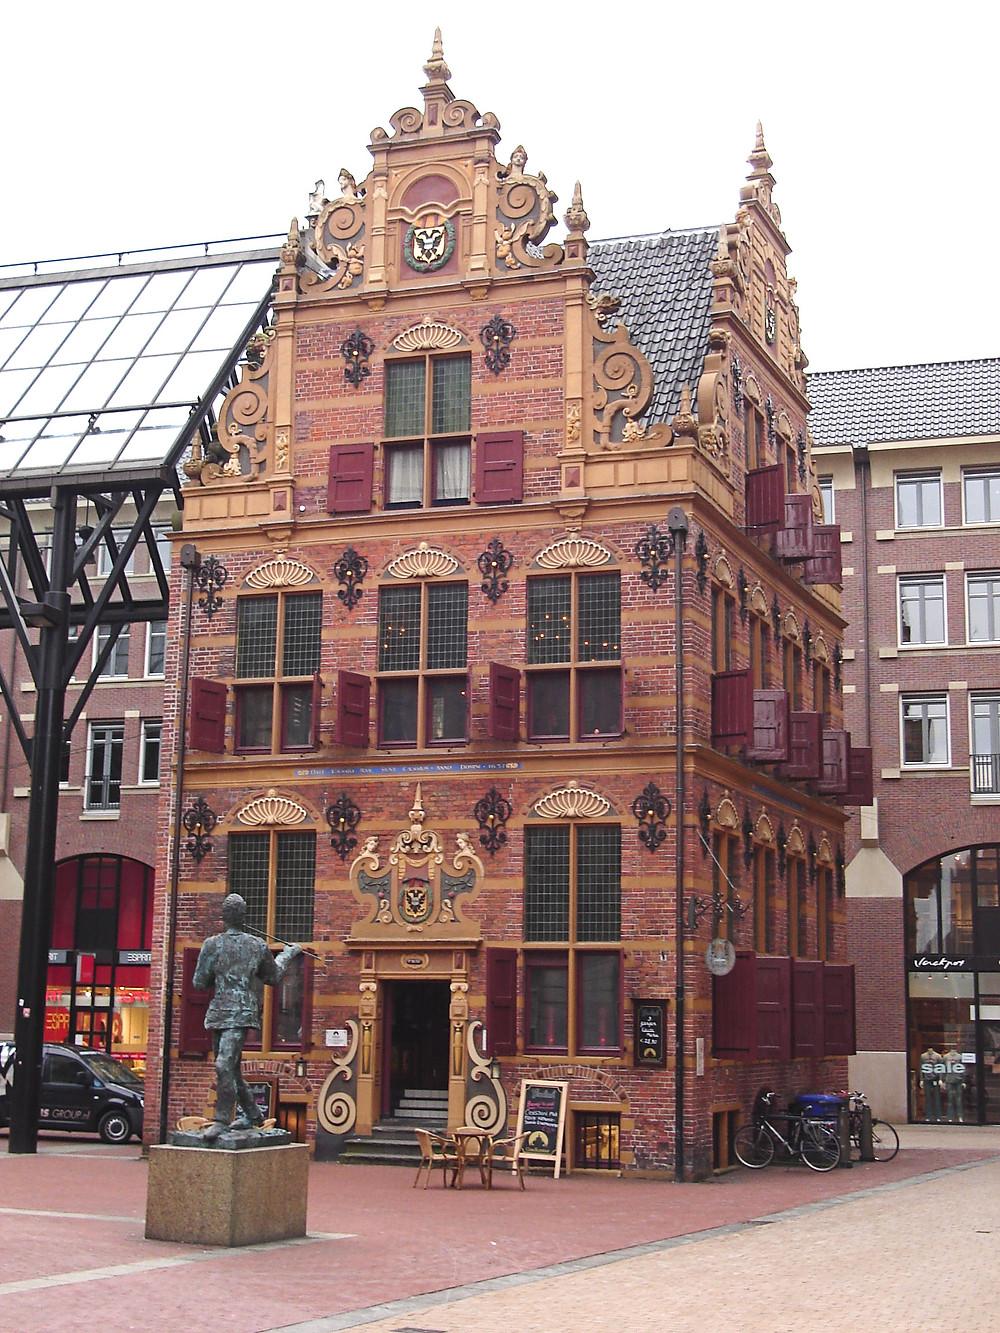 Goudkantoor Groningen Netherlands